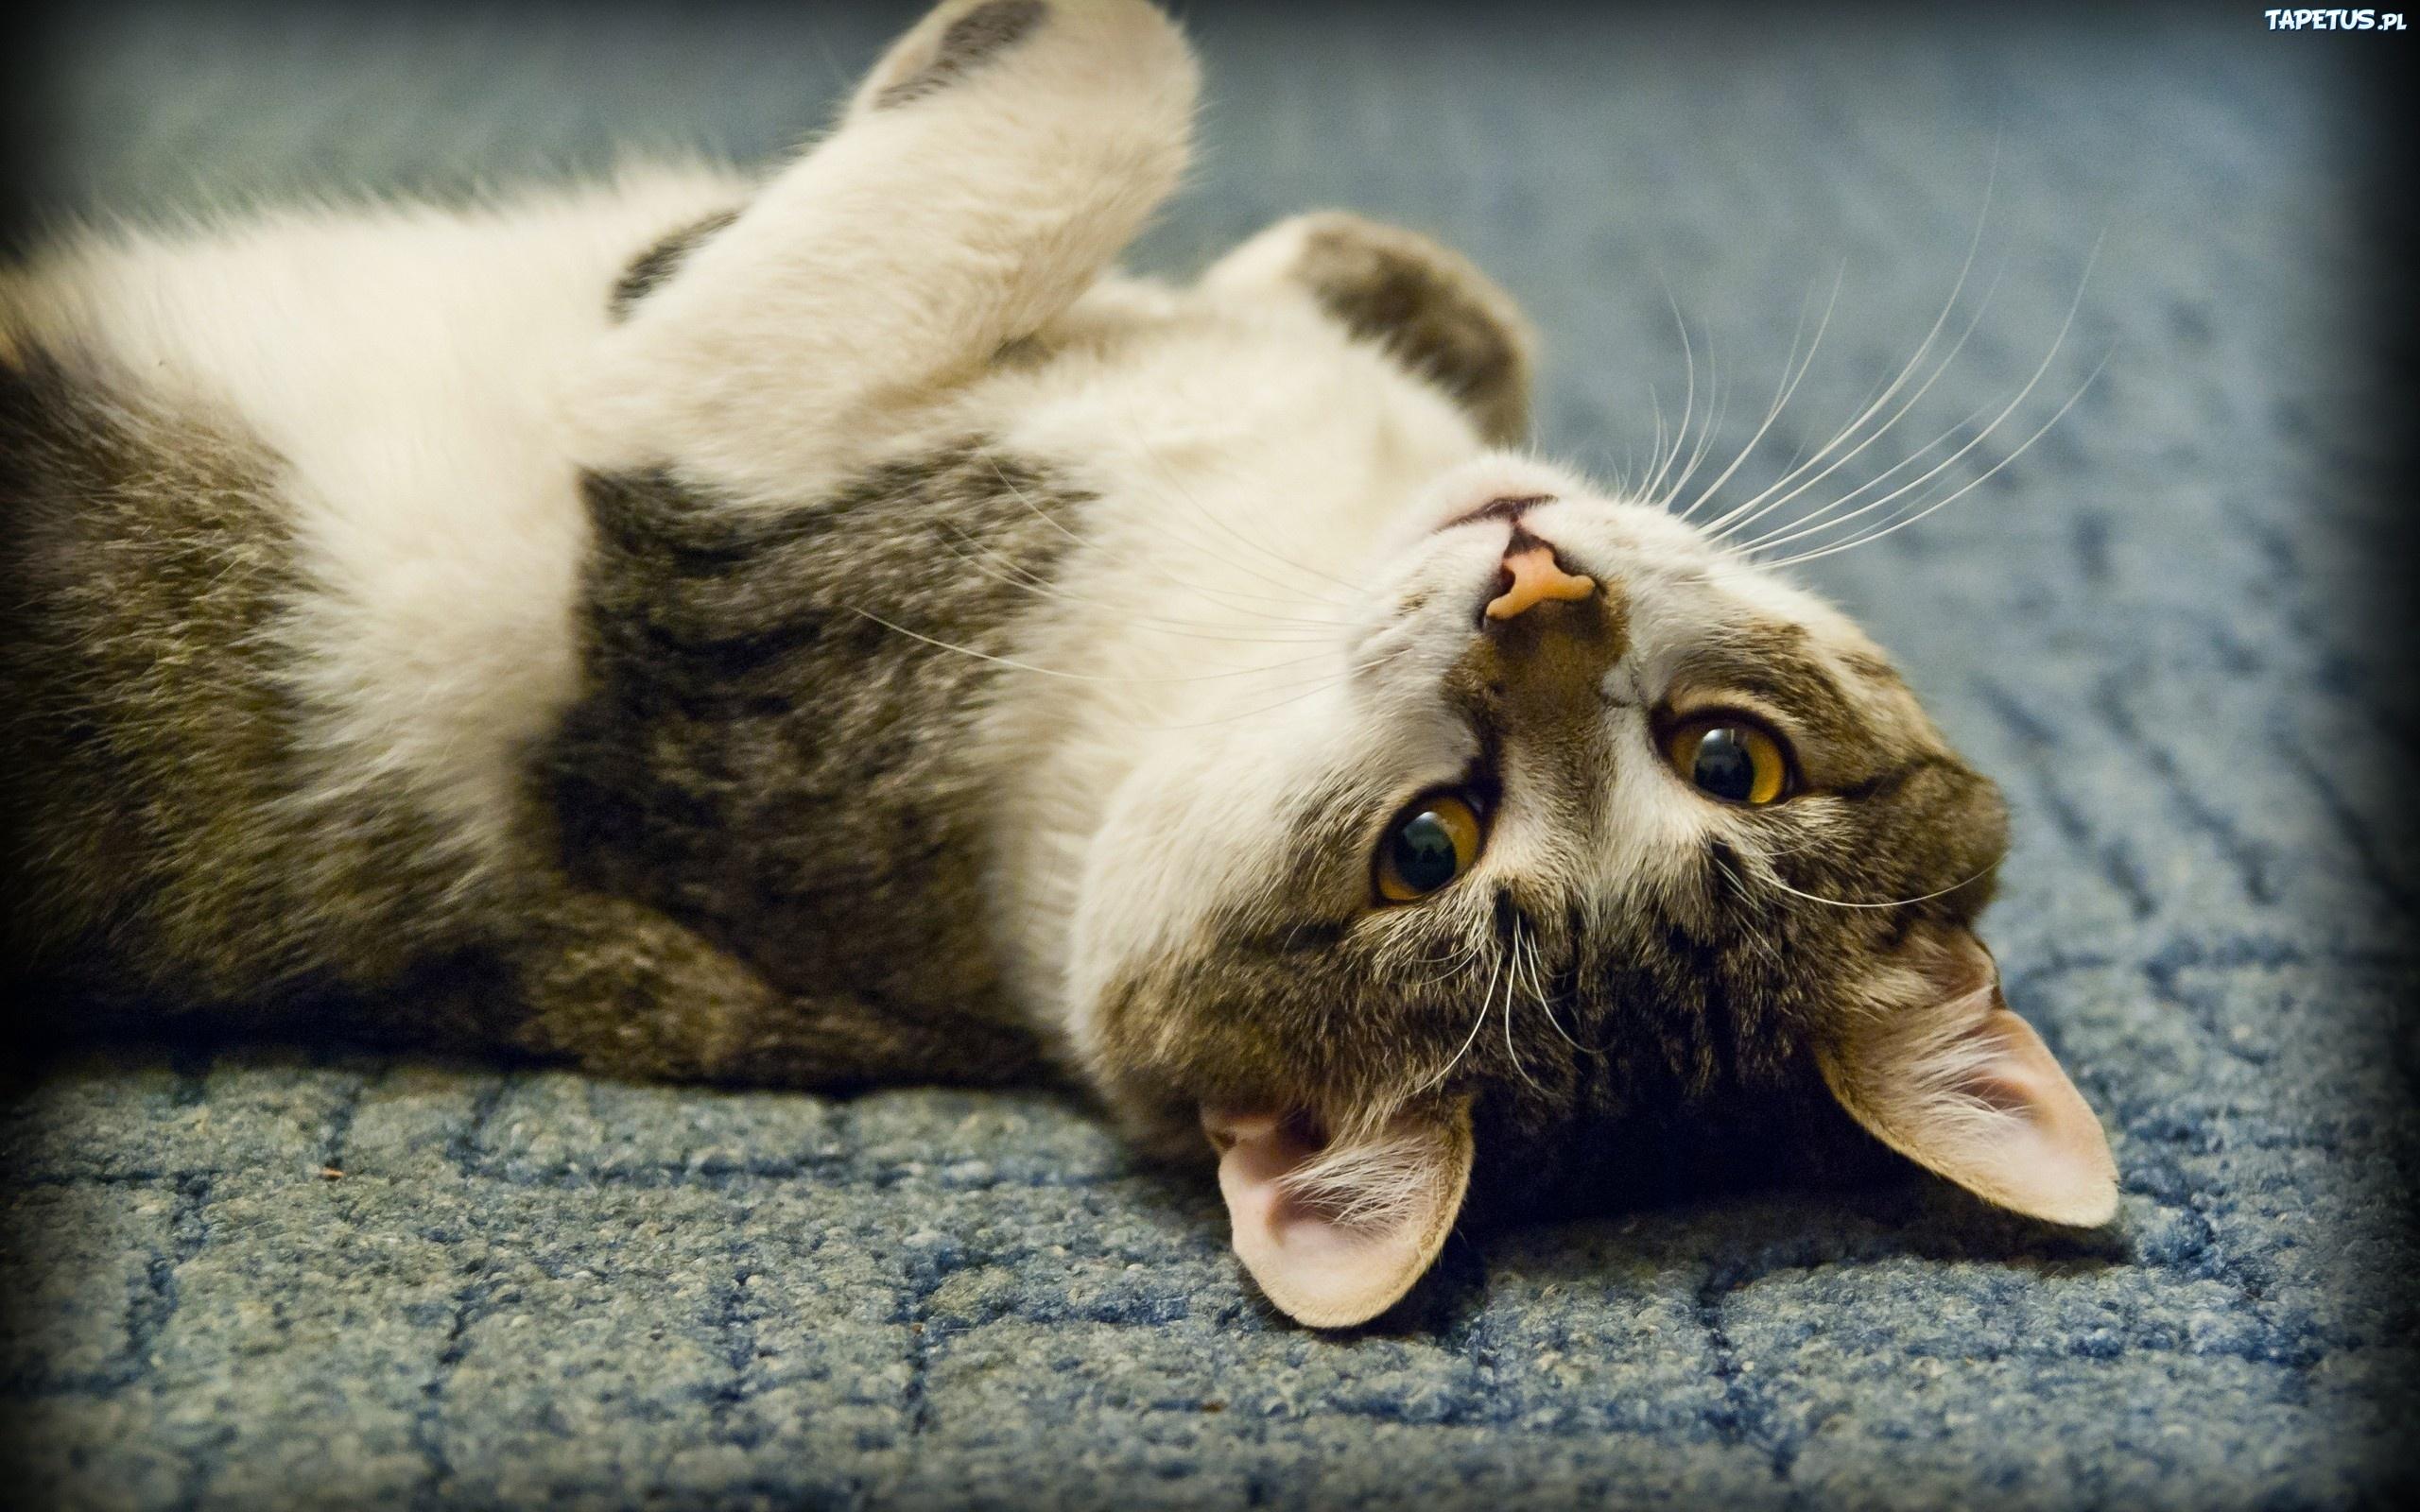 Лежащий кот  № 176205 бесплатно